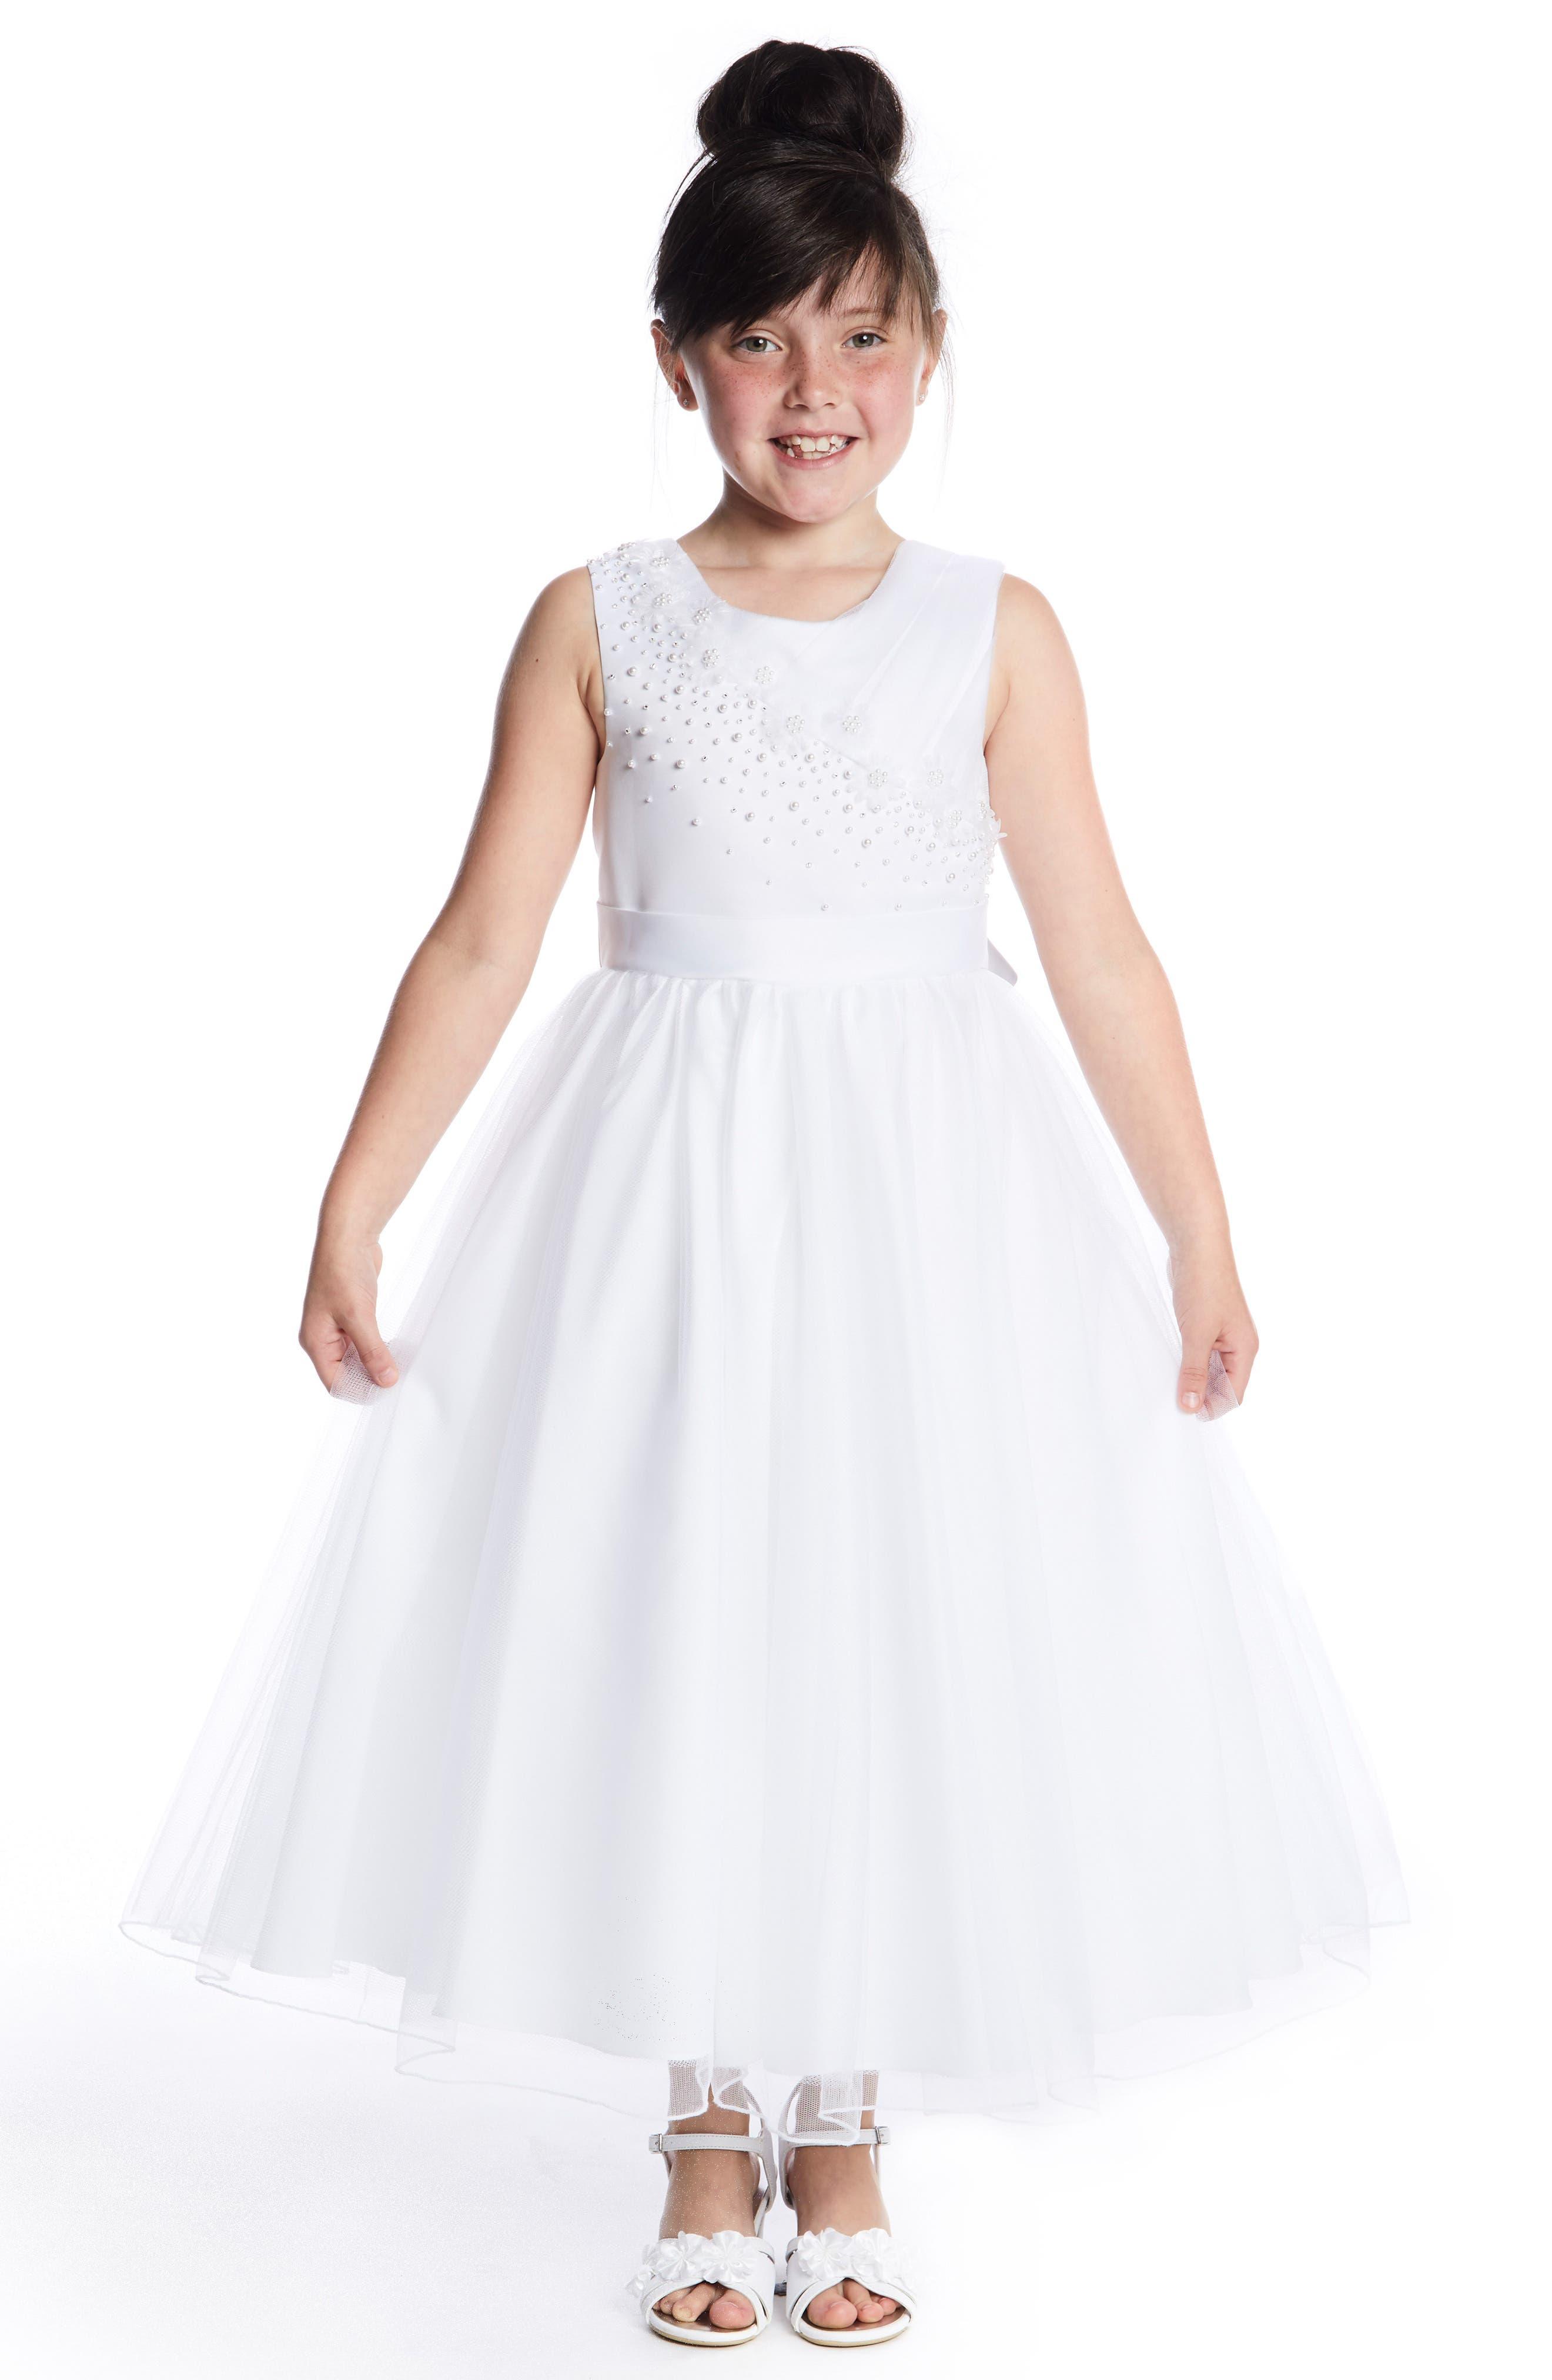 LAUREN MARIE, Imitation Pearl Tulle Dress, Alternate thumbnail 2, color, WHITE